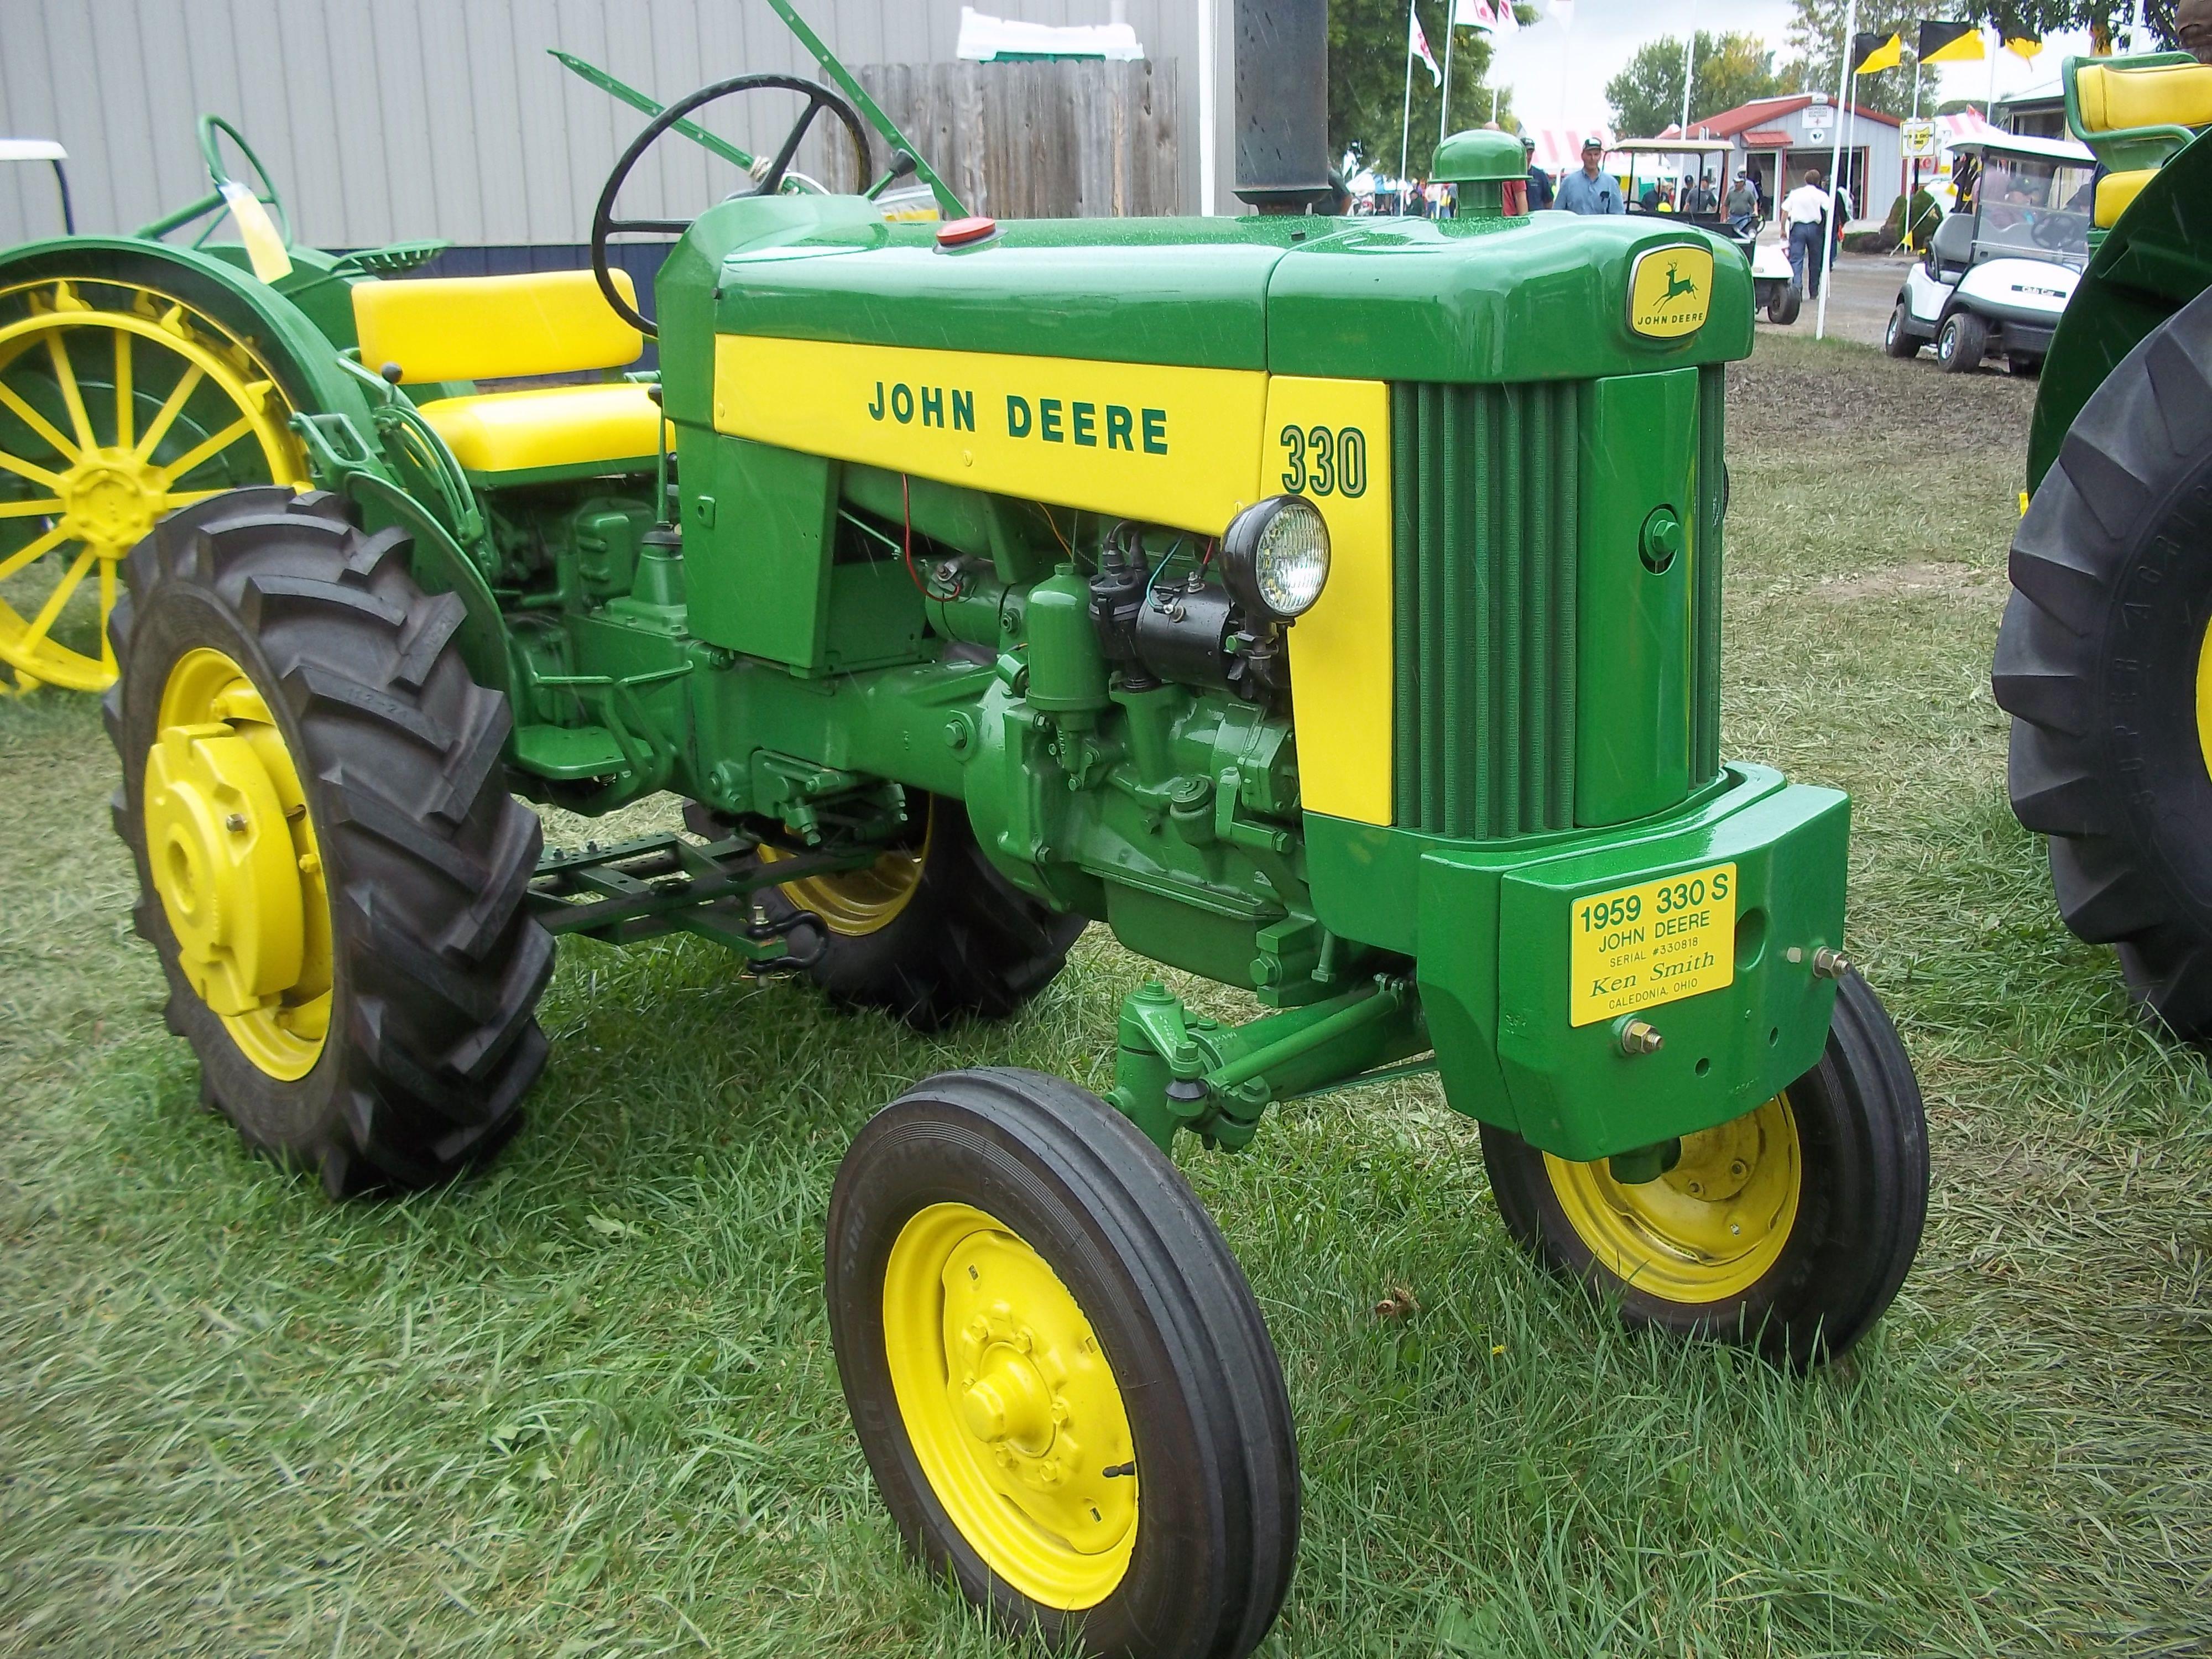 John Deere 330 Garden Tractor S Garden Ftempo